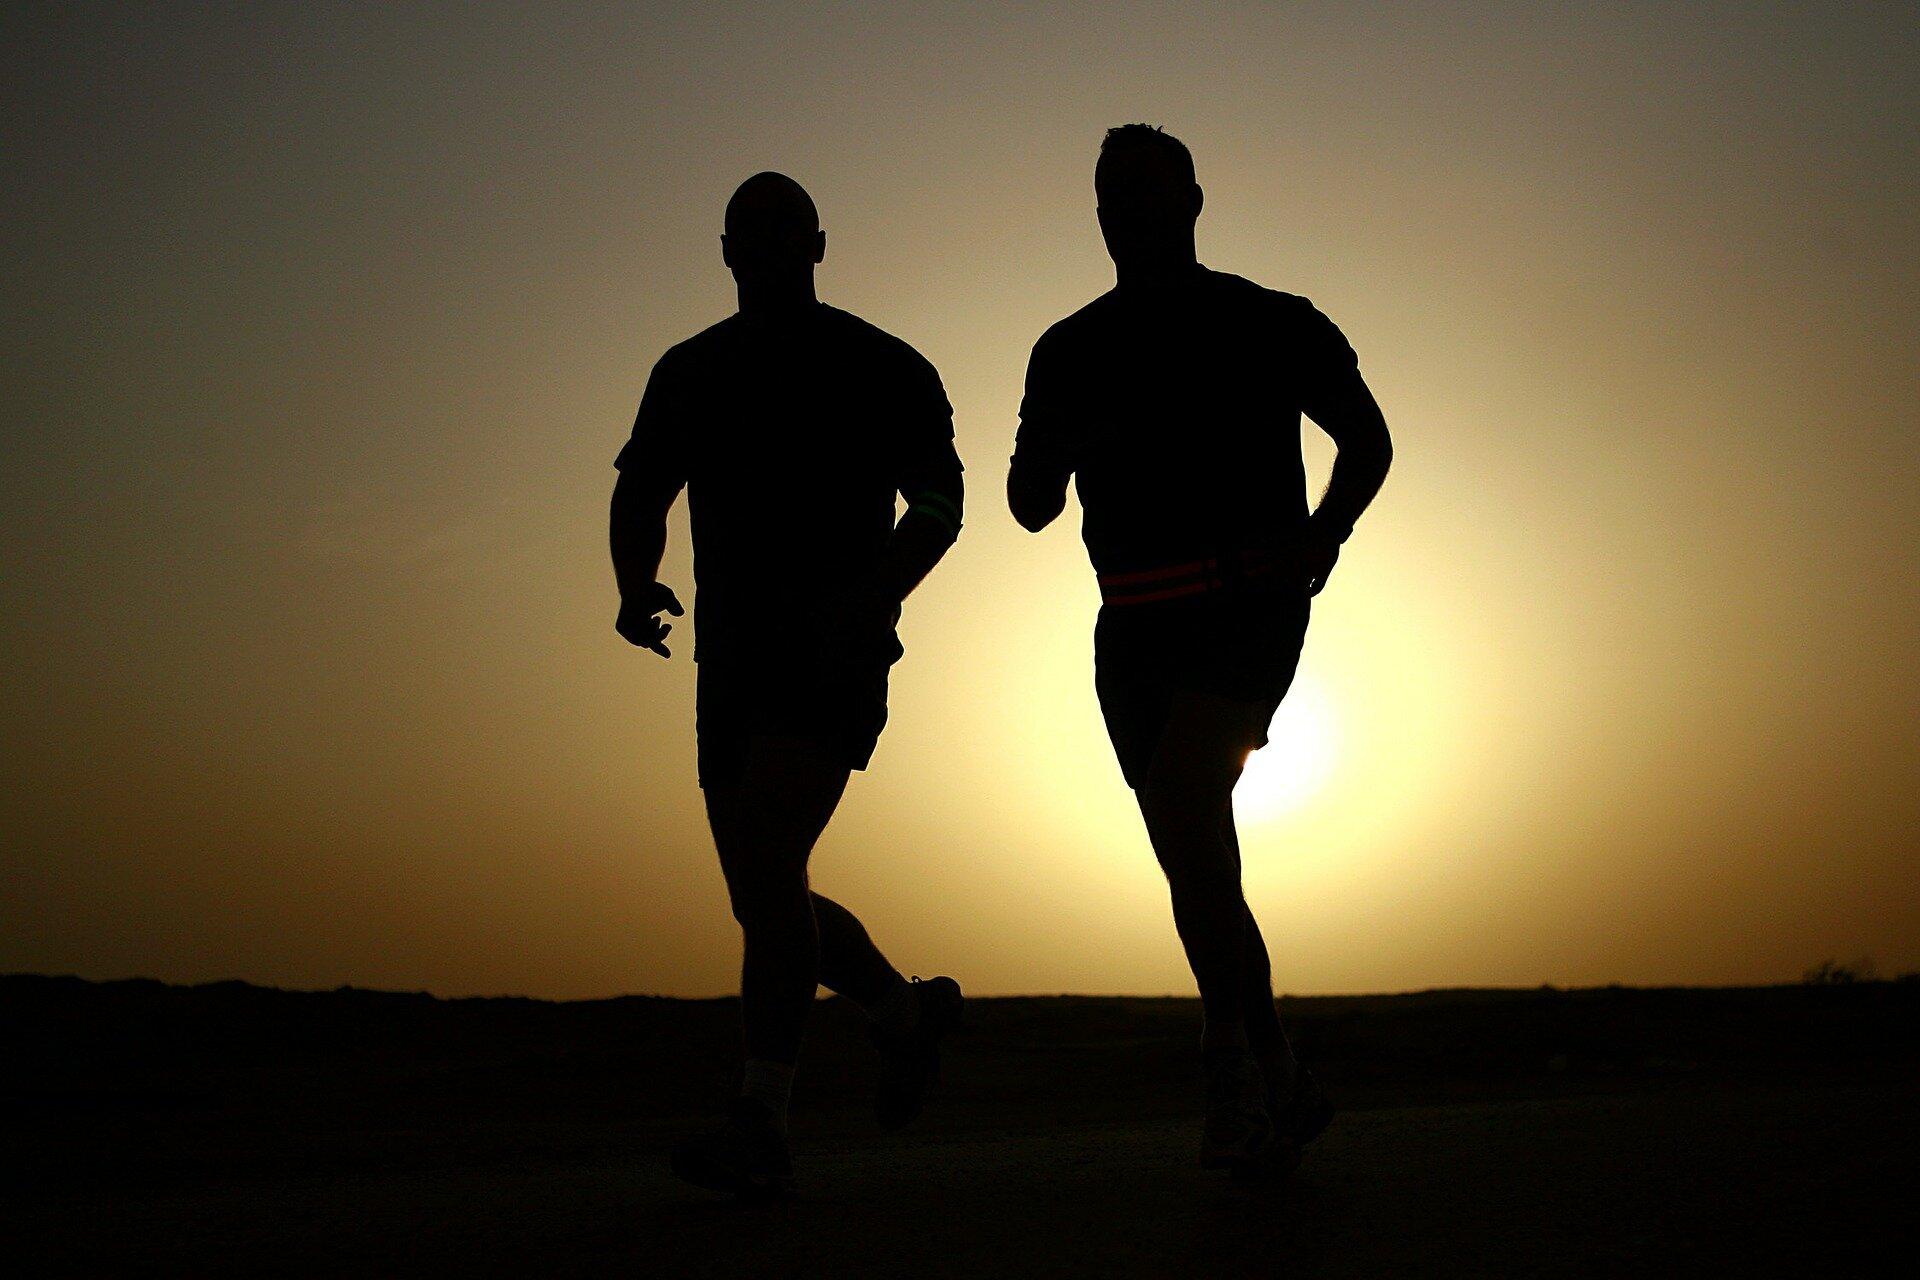 Männer, die anfällig für negative Emotionen sind körperlich weniger aktiv in der Freizeit